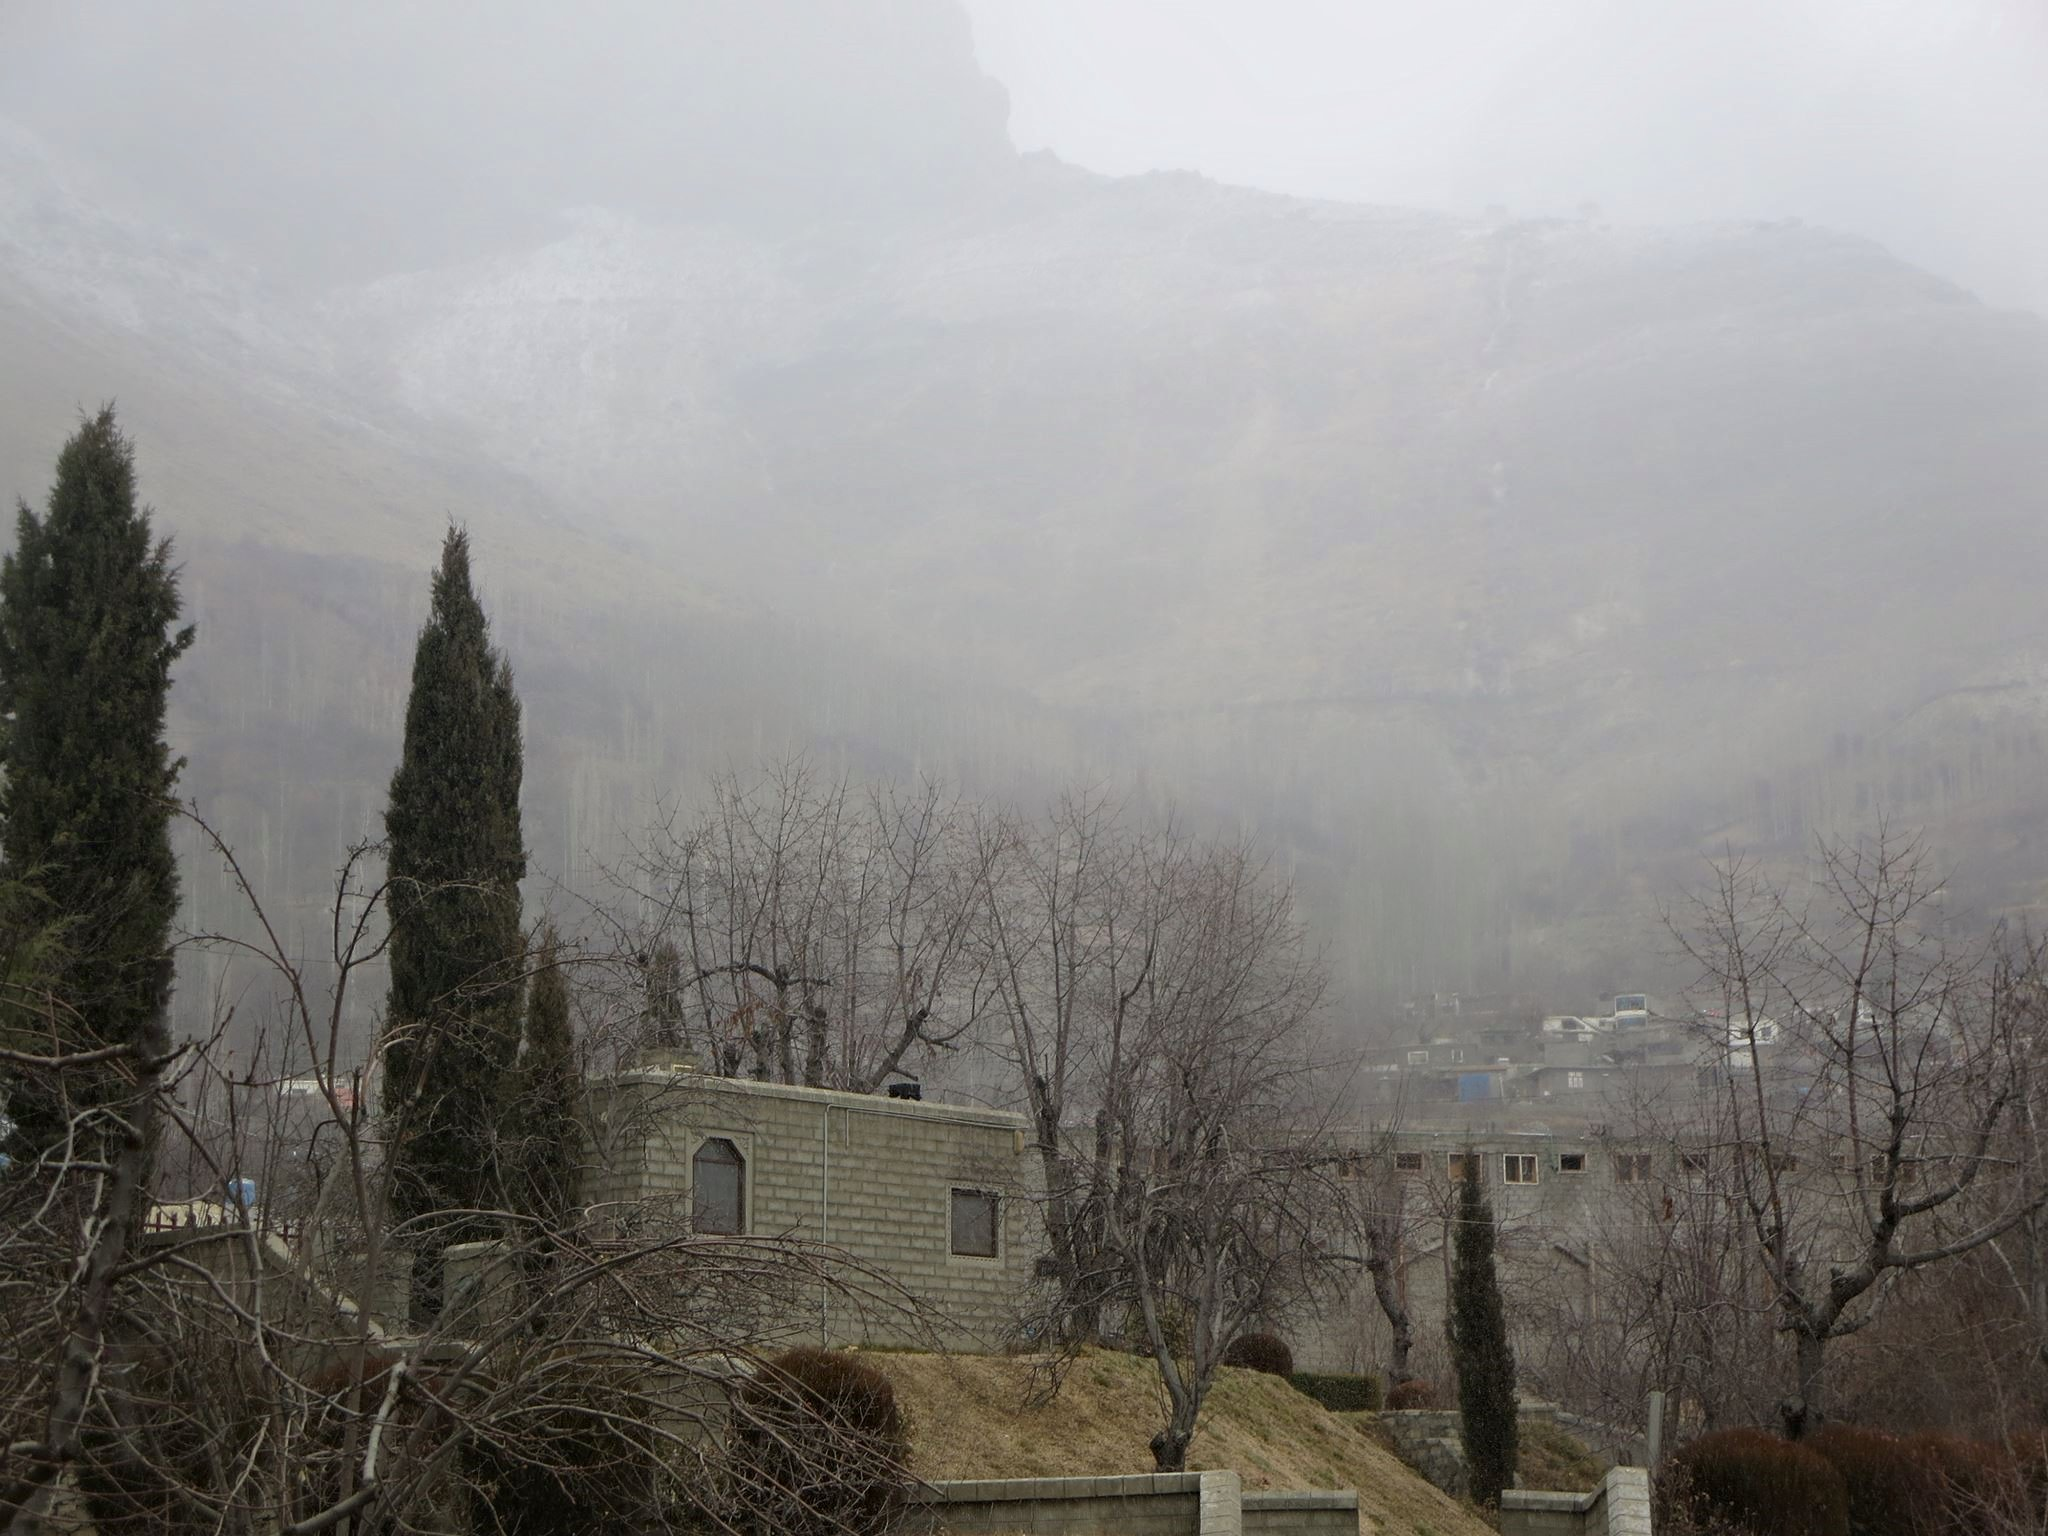 ہنزہ، نگراورگرد نواح میں موسم سرما کی پہلی برف باری جاری